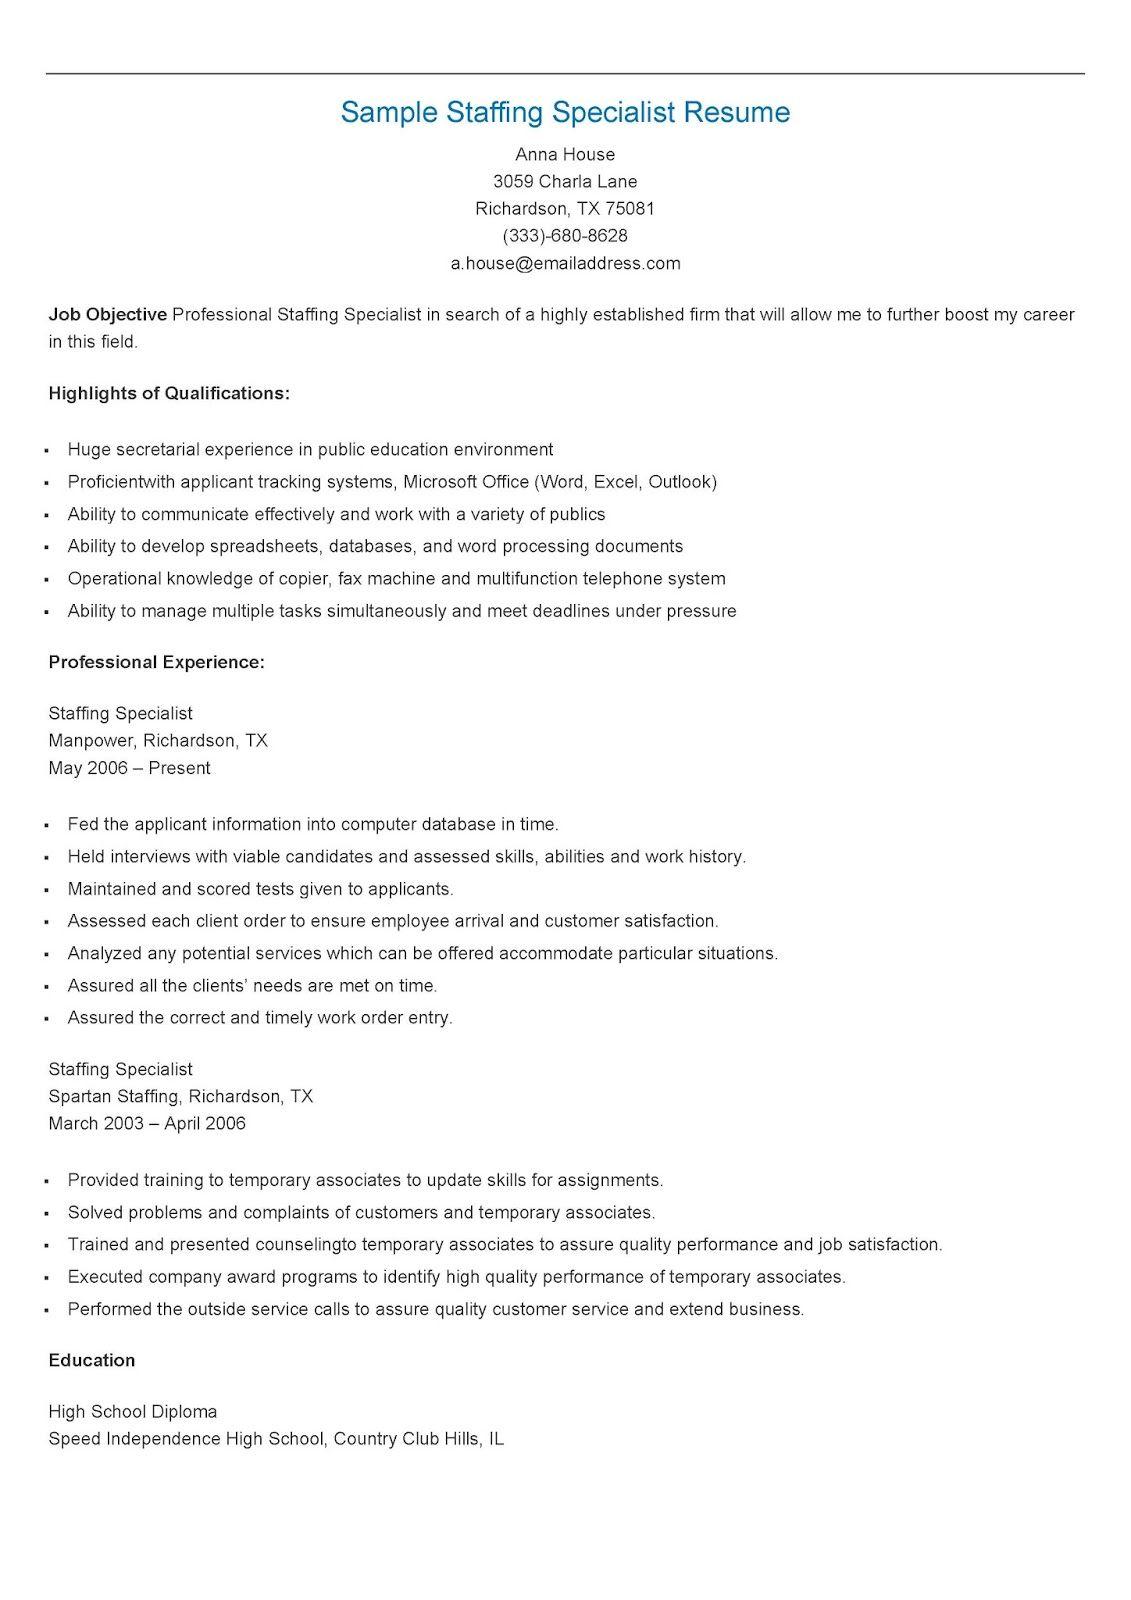 Sample Staffing Specialist Resume   resame   Pinterest